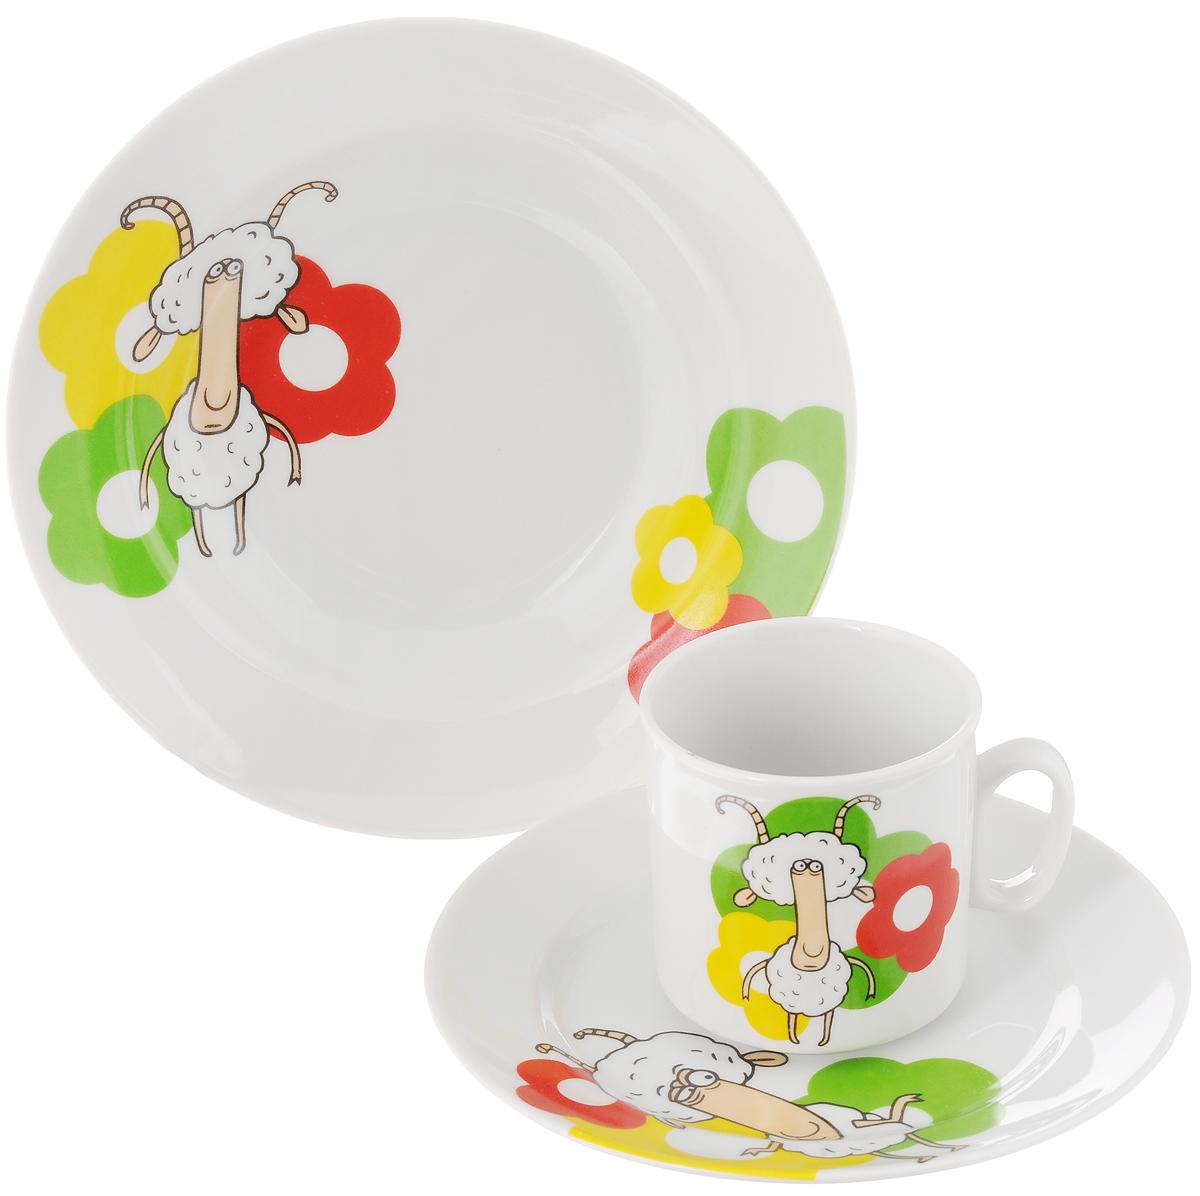 Набор посуды Идиллия. Барашки, 3 предмета. 10354751035475Набор посуды Идиллия. Барашки состоит из кружки, десертной тарелки и салатника. Изделия выполнены из высококачественного фарфора, украшенного красочным рисунком. Набор посуды Идиллия. Барашки прекрасно подойдет для вашего ребенка. В наборе есть вся необходимая посуда для завтраков, обедов и ужинов. Красивый дизайн порадует малыша и превратит прием пищи в веселое занятие. Объем салатника: 360 мл. Диаметр салатника (по верхнему краю): 14,5 см. Высота салатника: 5 см. Диаметр тарелки (по верхнему краю): 17 см. Высота тарелки: 2 см. Объем кружки: 200 мл. Диаметр кружки (по верхнему краю): 7,2 см. Высота кружки: 7,5 см.